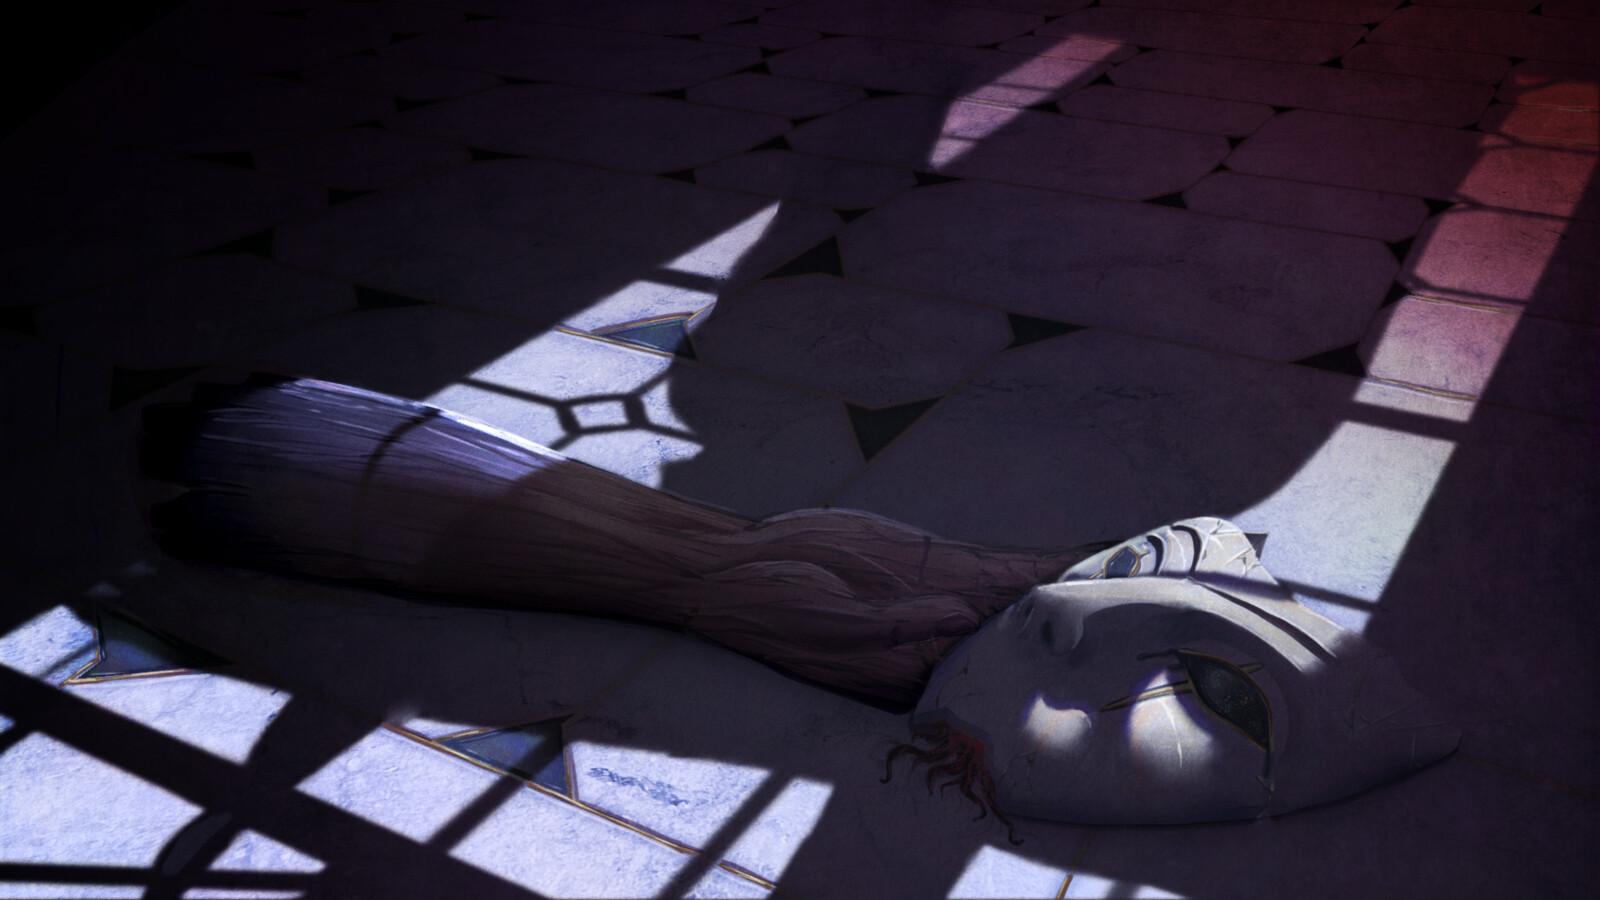 Splintered Mask - Splinters